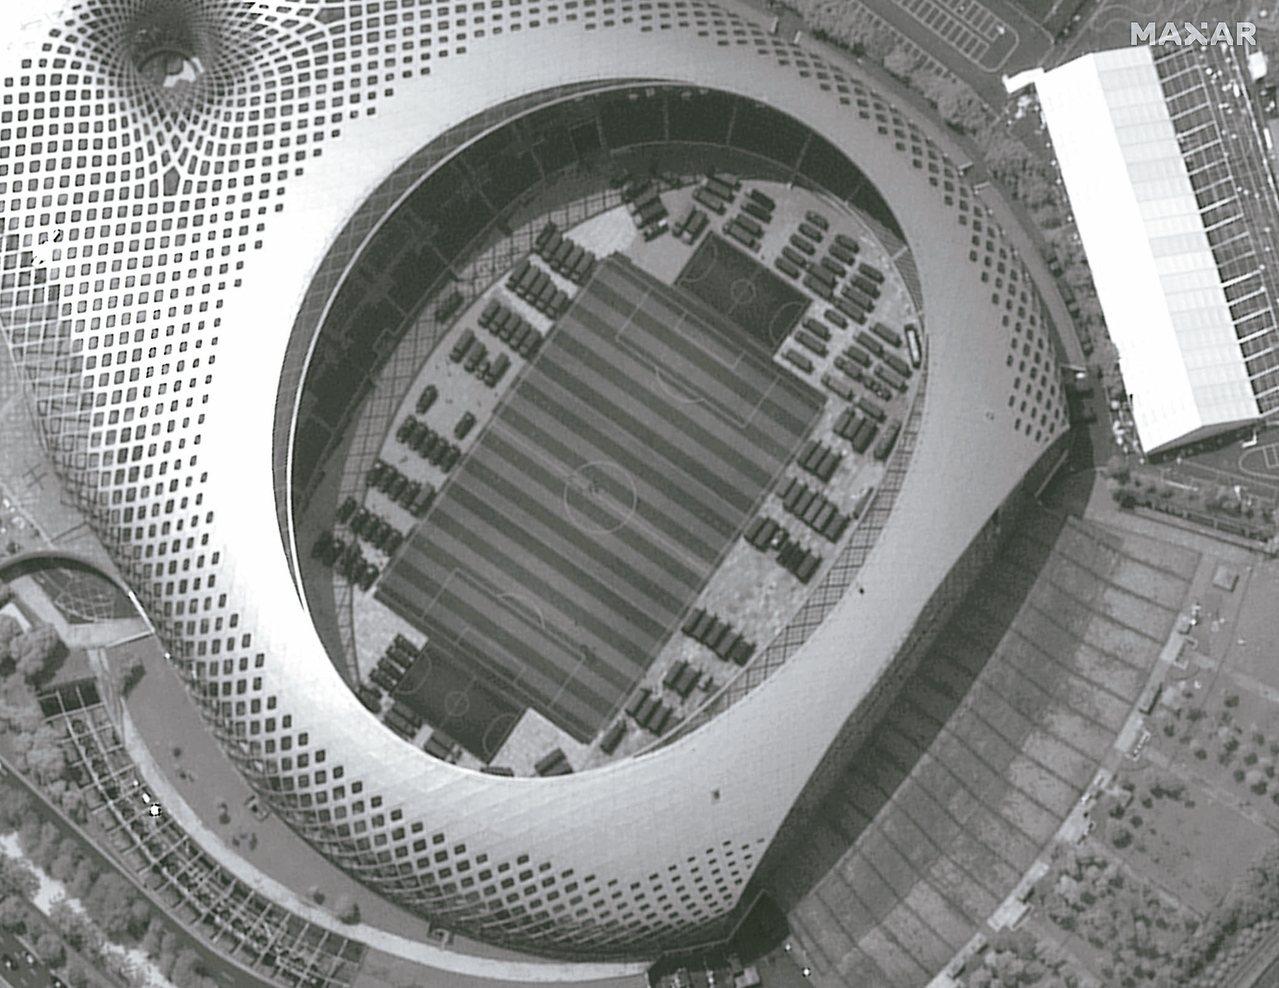 從空拍的衛星照片可清楚看到,臨近香港的深圳春繭體育館內已停滿軍用車輛。這張照片是...